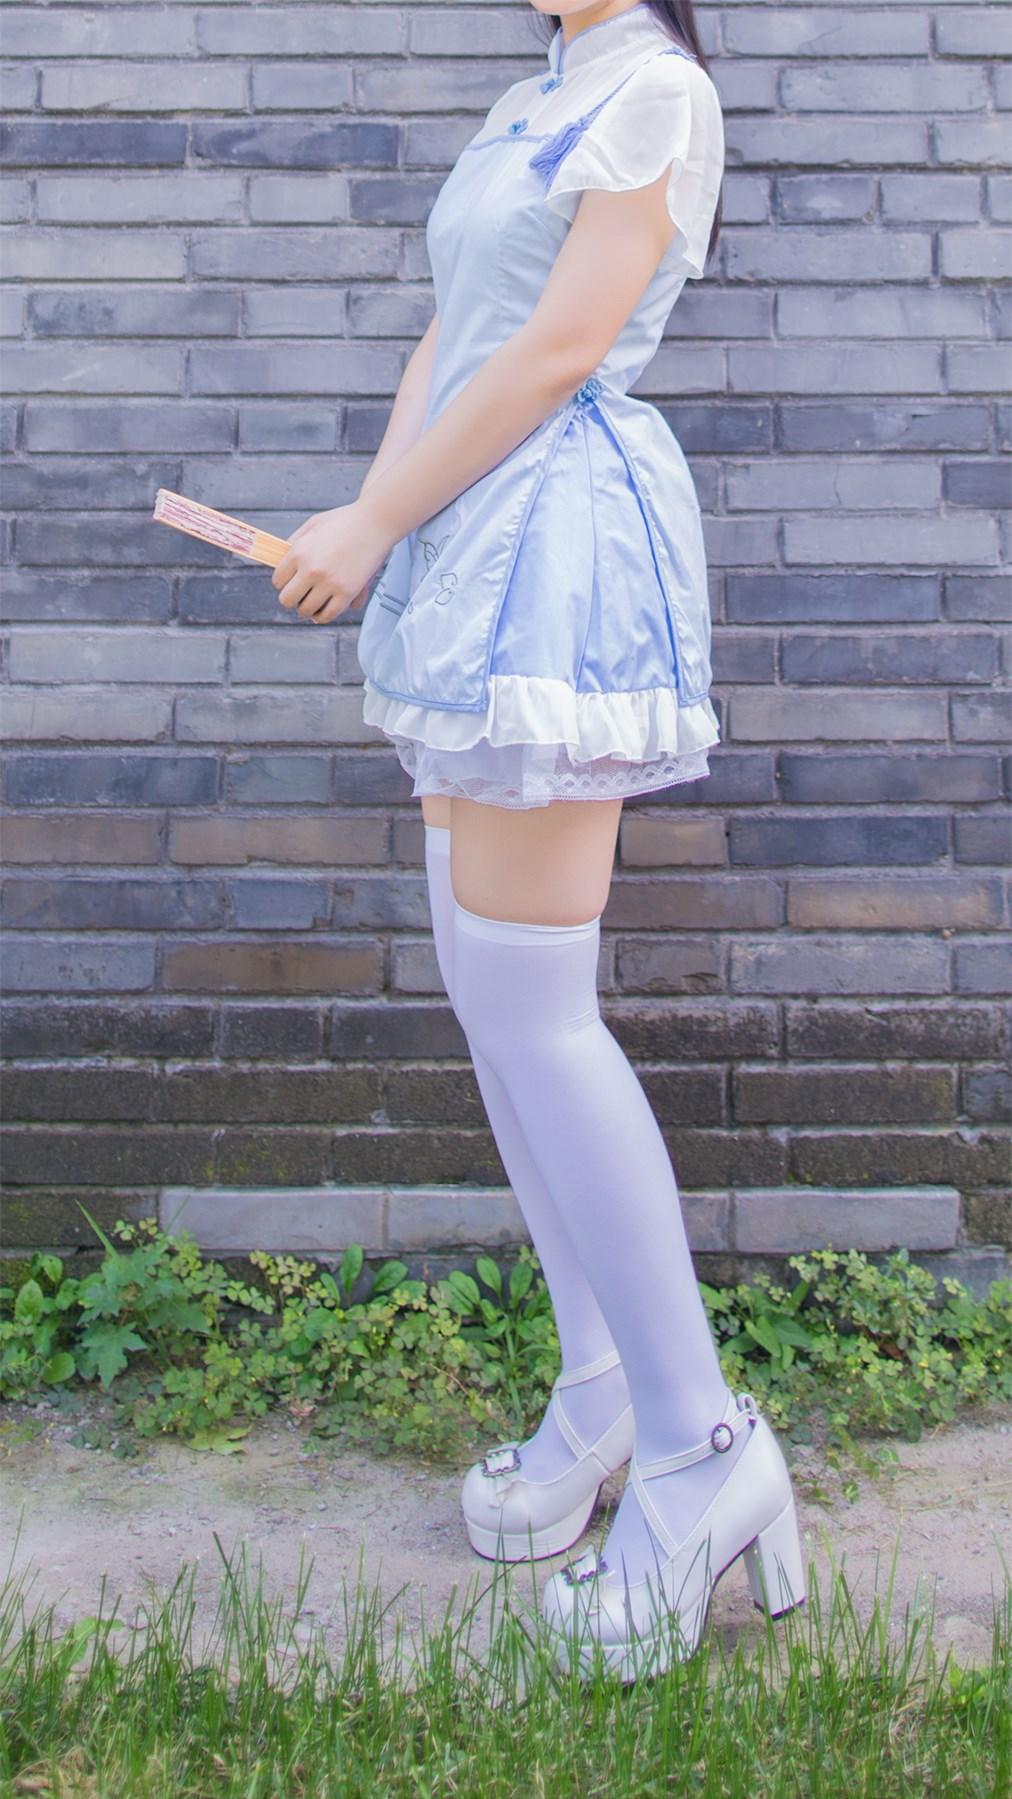 【兔玩映画】白丝旗袍 兔玩映画 第7张